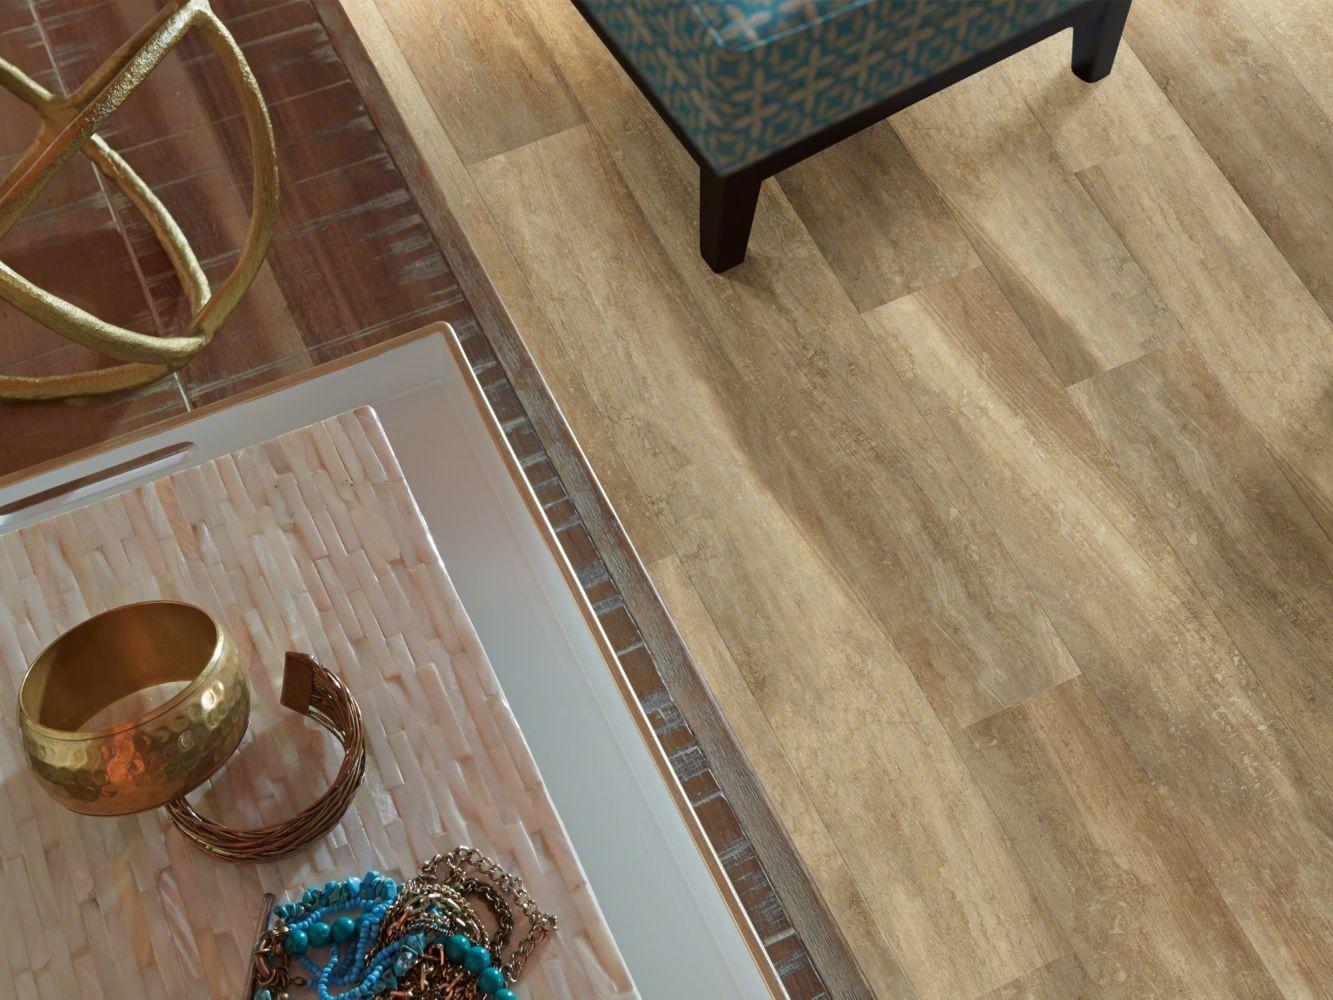 Shaw Floors Resilient Residential Endura 512g Plus Tan Oak 00765_0802V